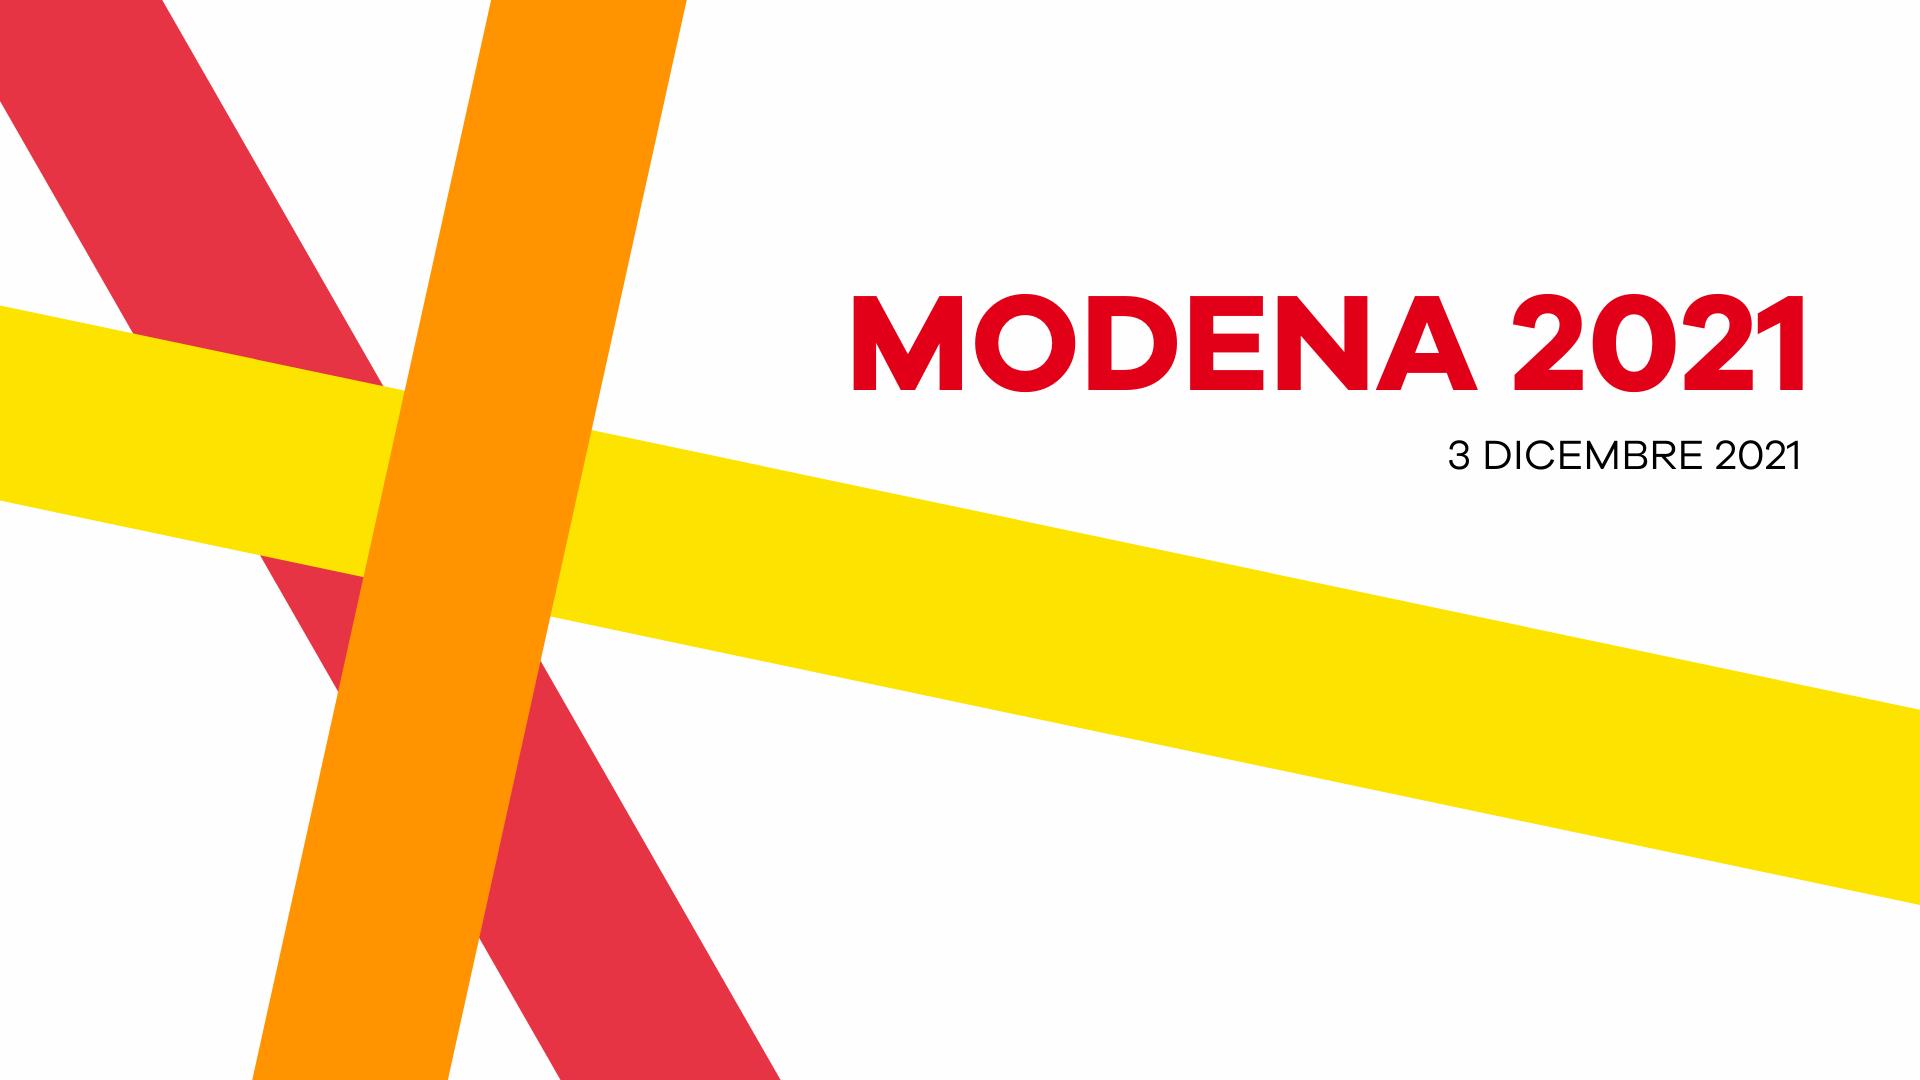 Modena 2021 Online